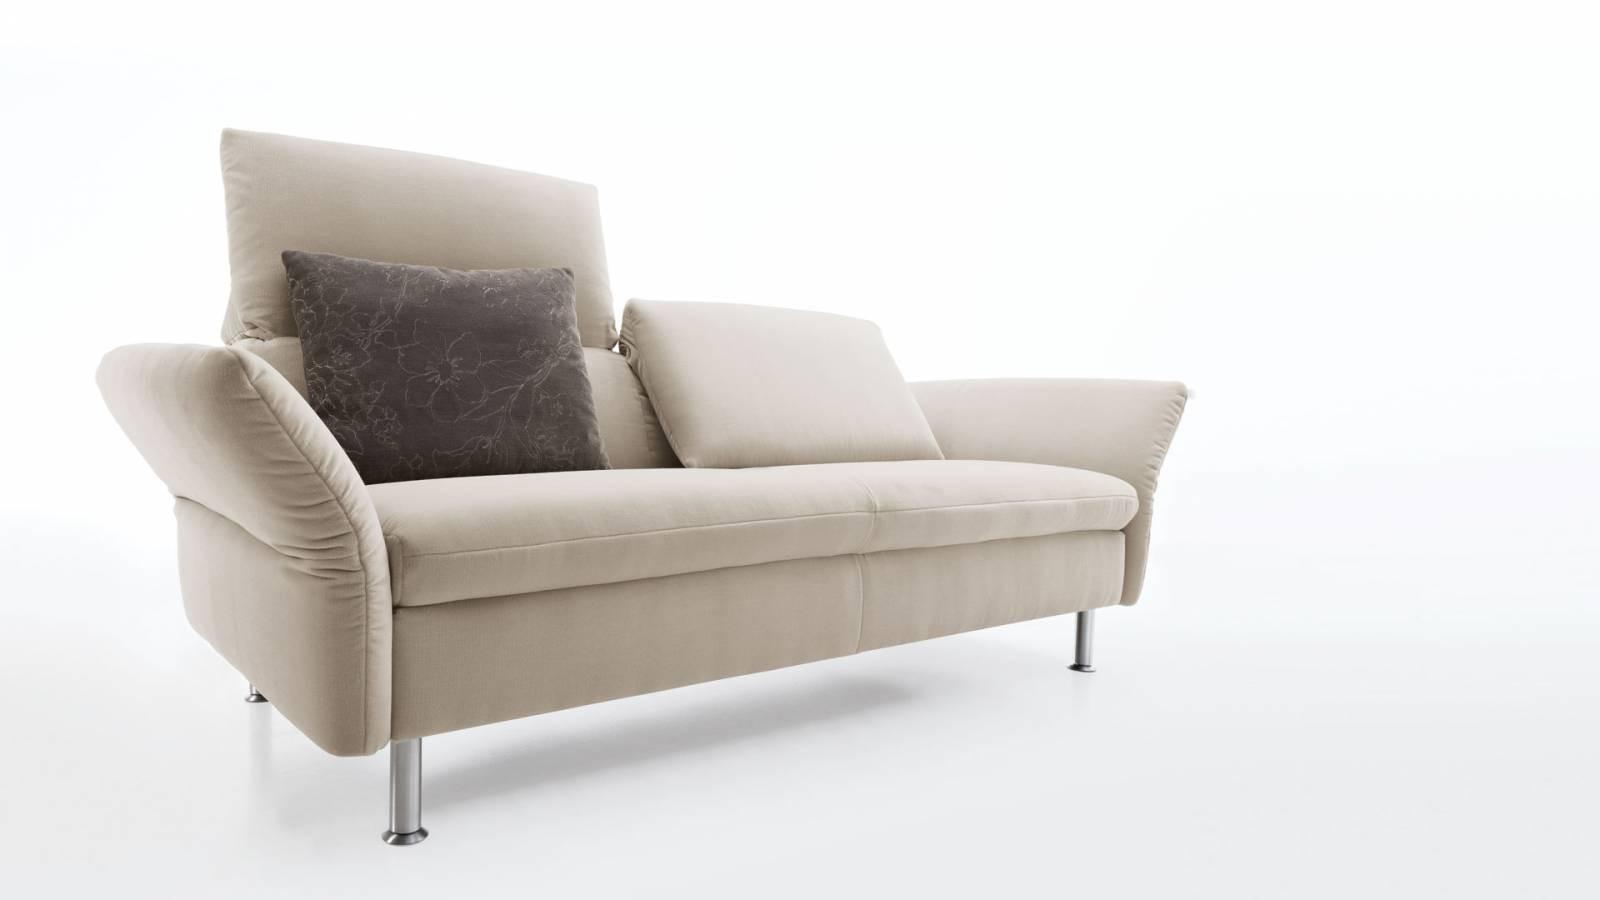 Canapea modernă Koinor Vittoria